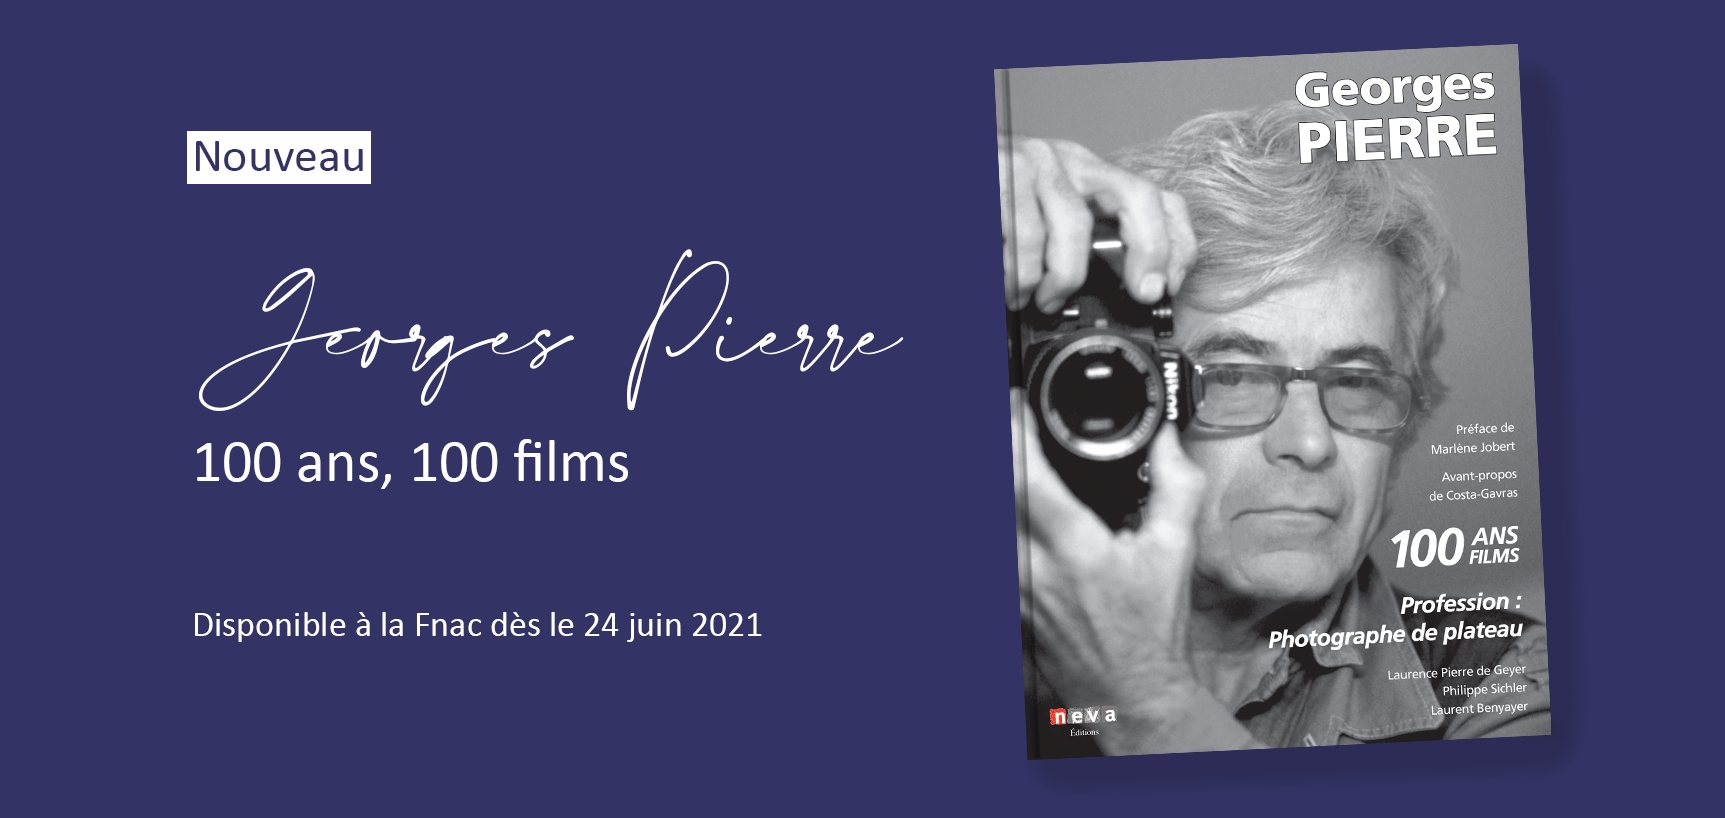 Sortie du livre Georges Pierre 100 ans, 100 films le 24 juin 2021